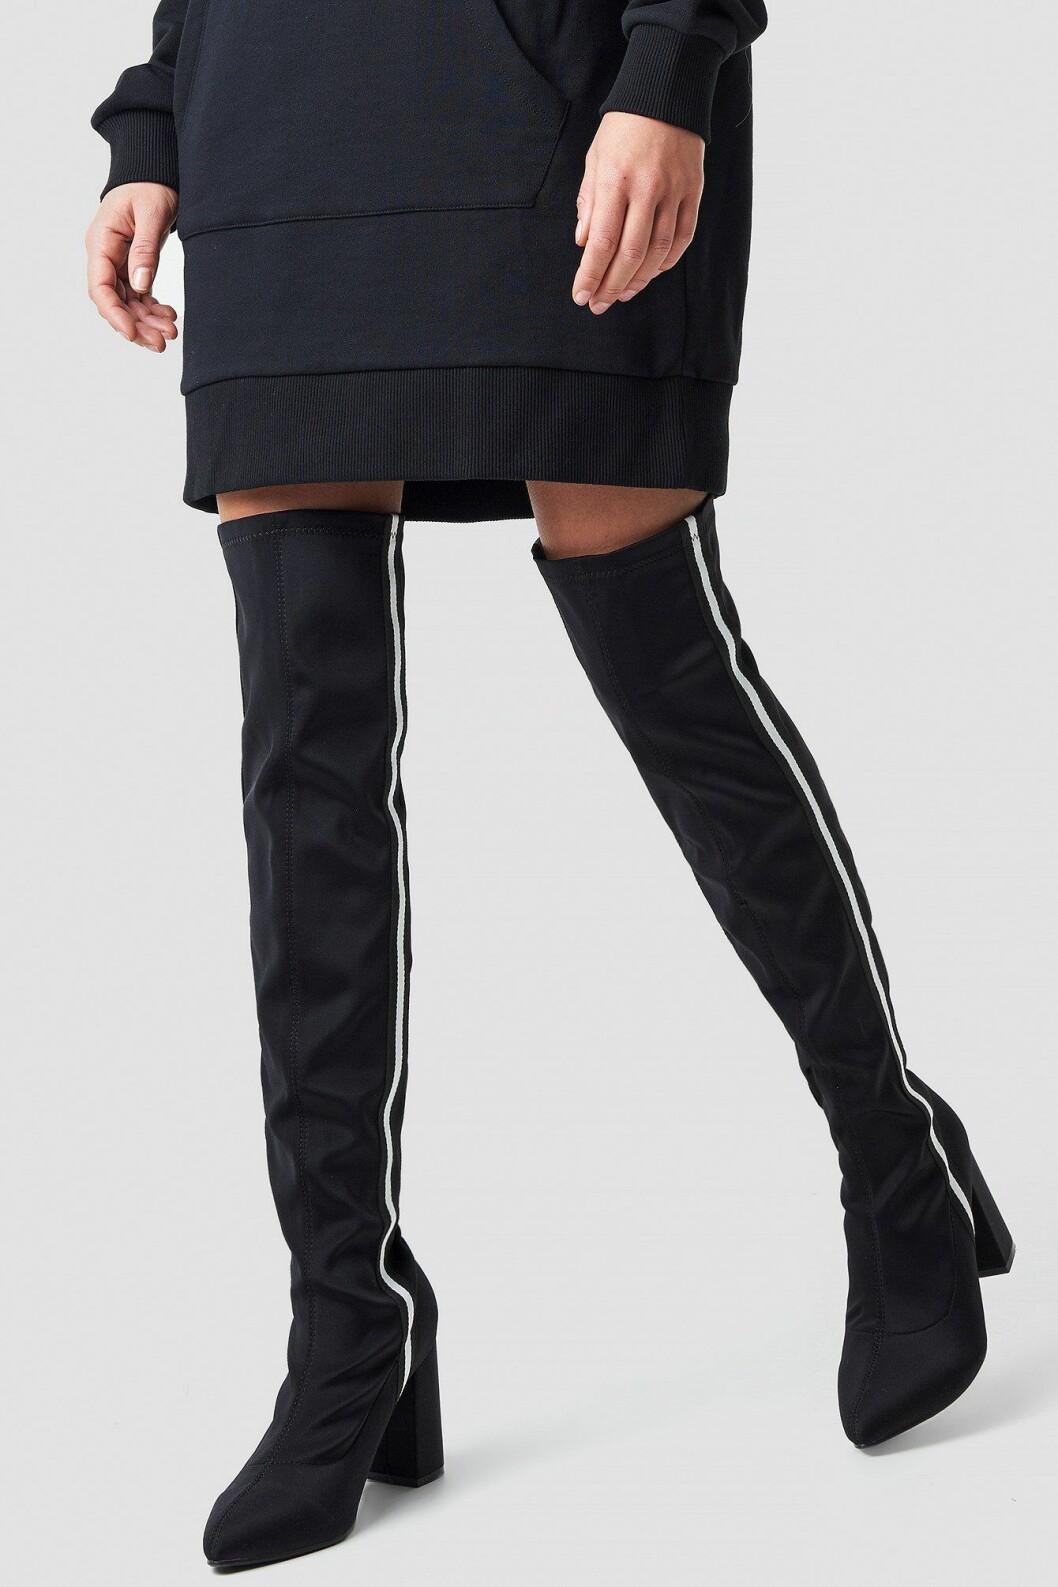 Linn Ahlborg Na-kd over knee-boots